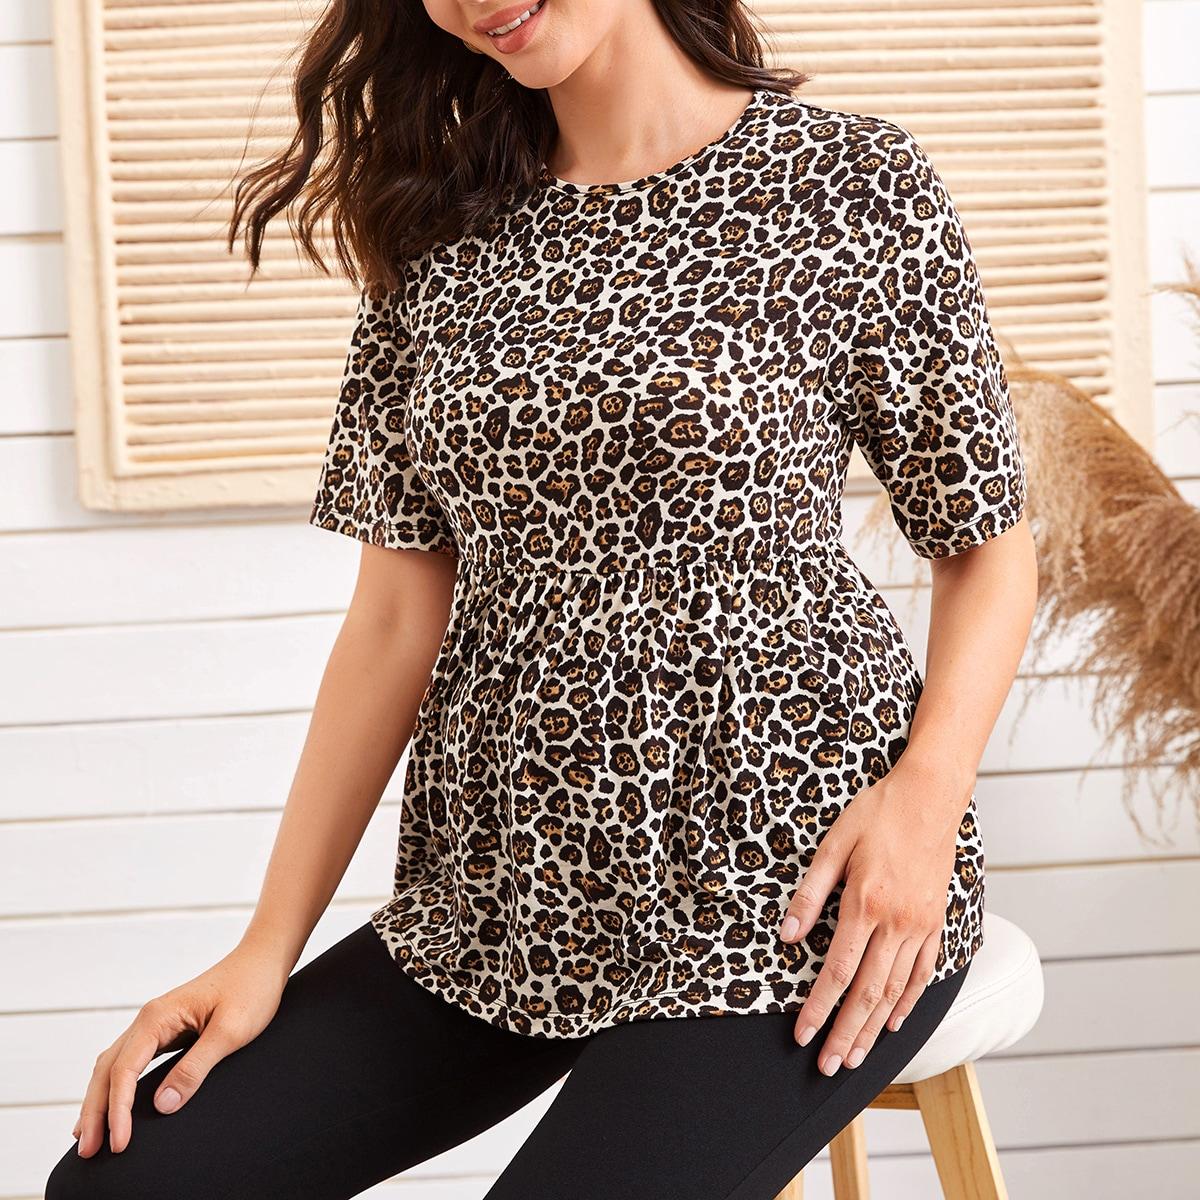 Топ с леопардовым принтом для беременных от SHEIN